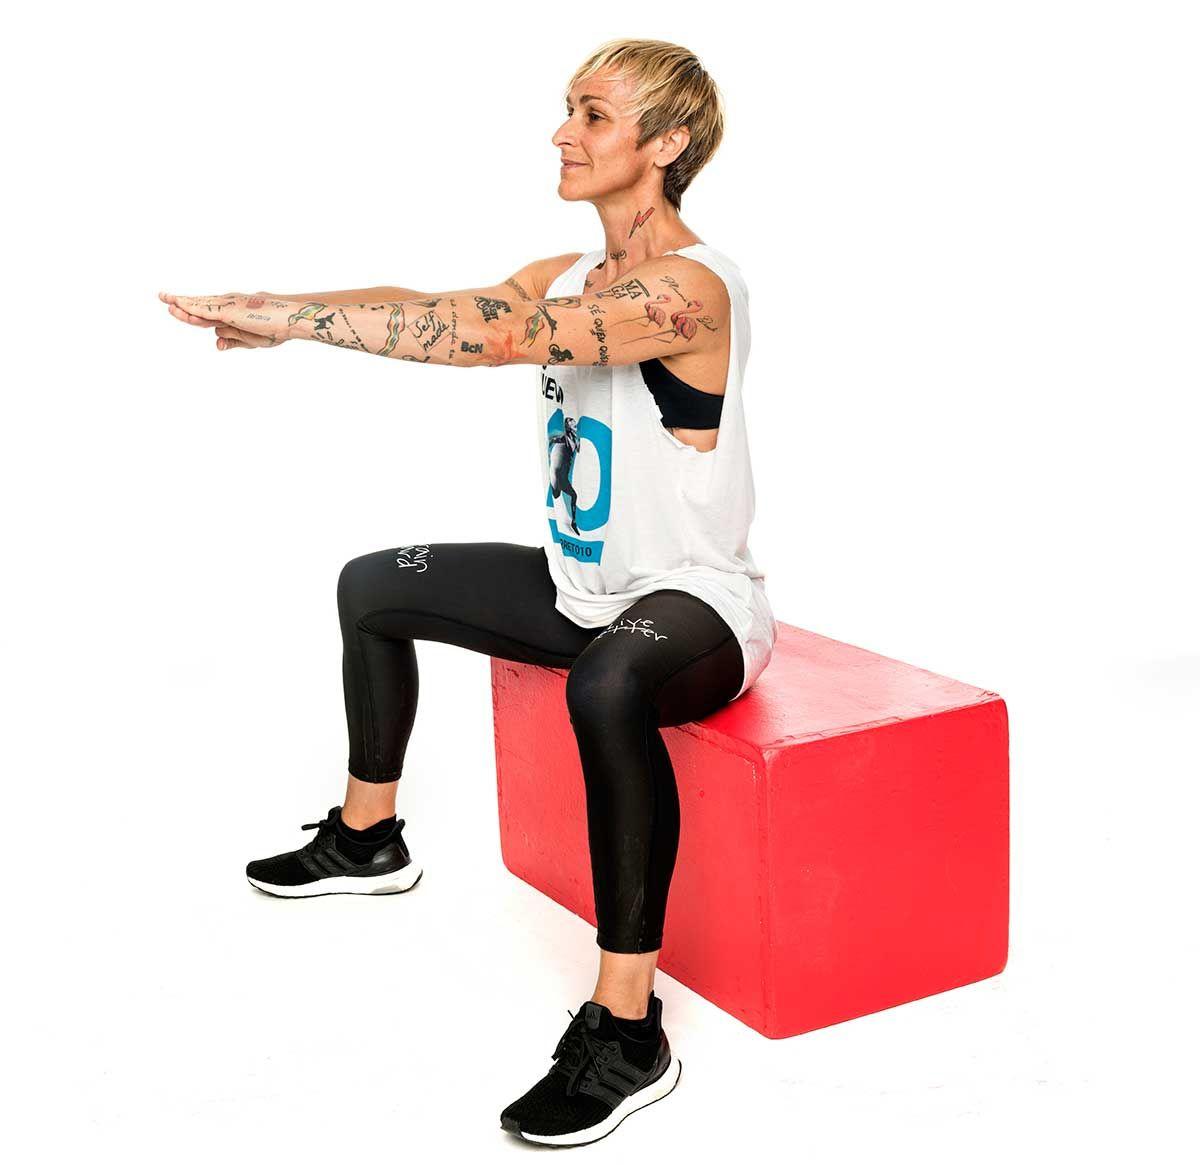 Ana Duato Piernas endurece tus piernas con estos 3 ejercicios que propone